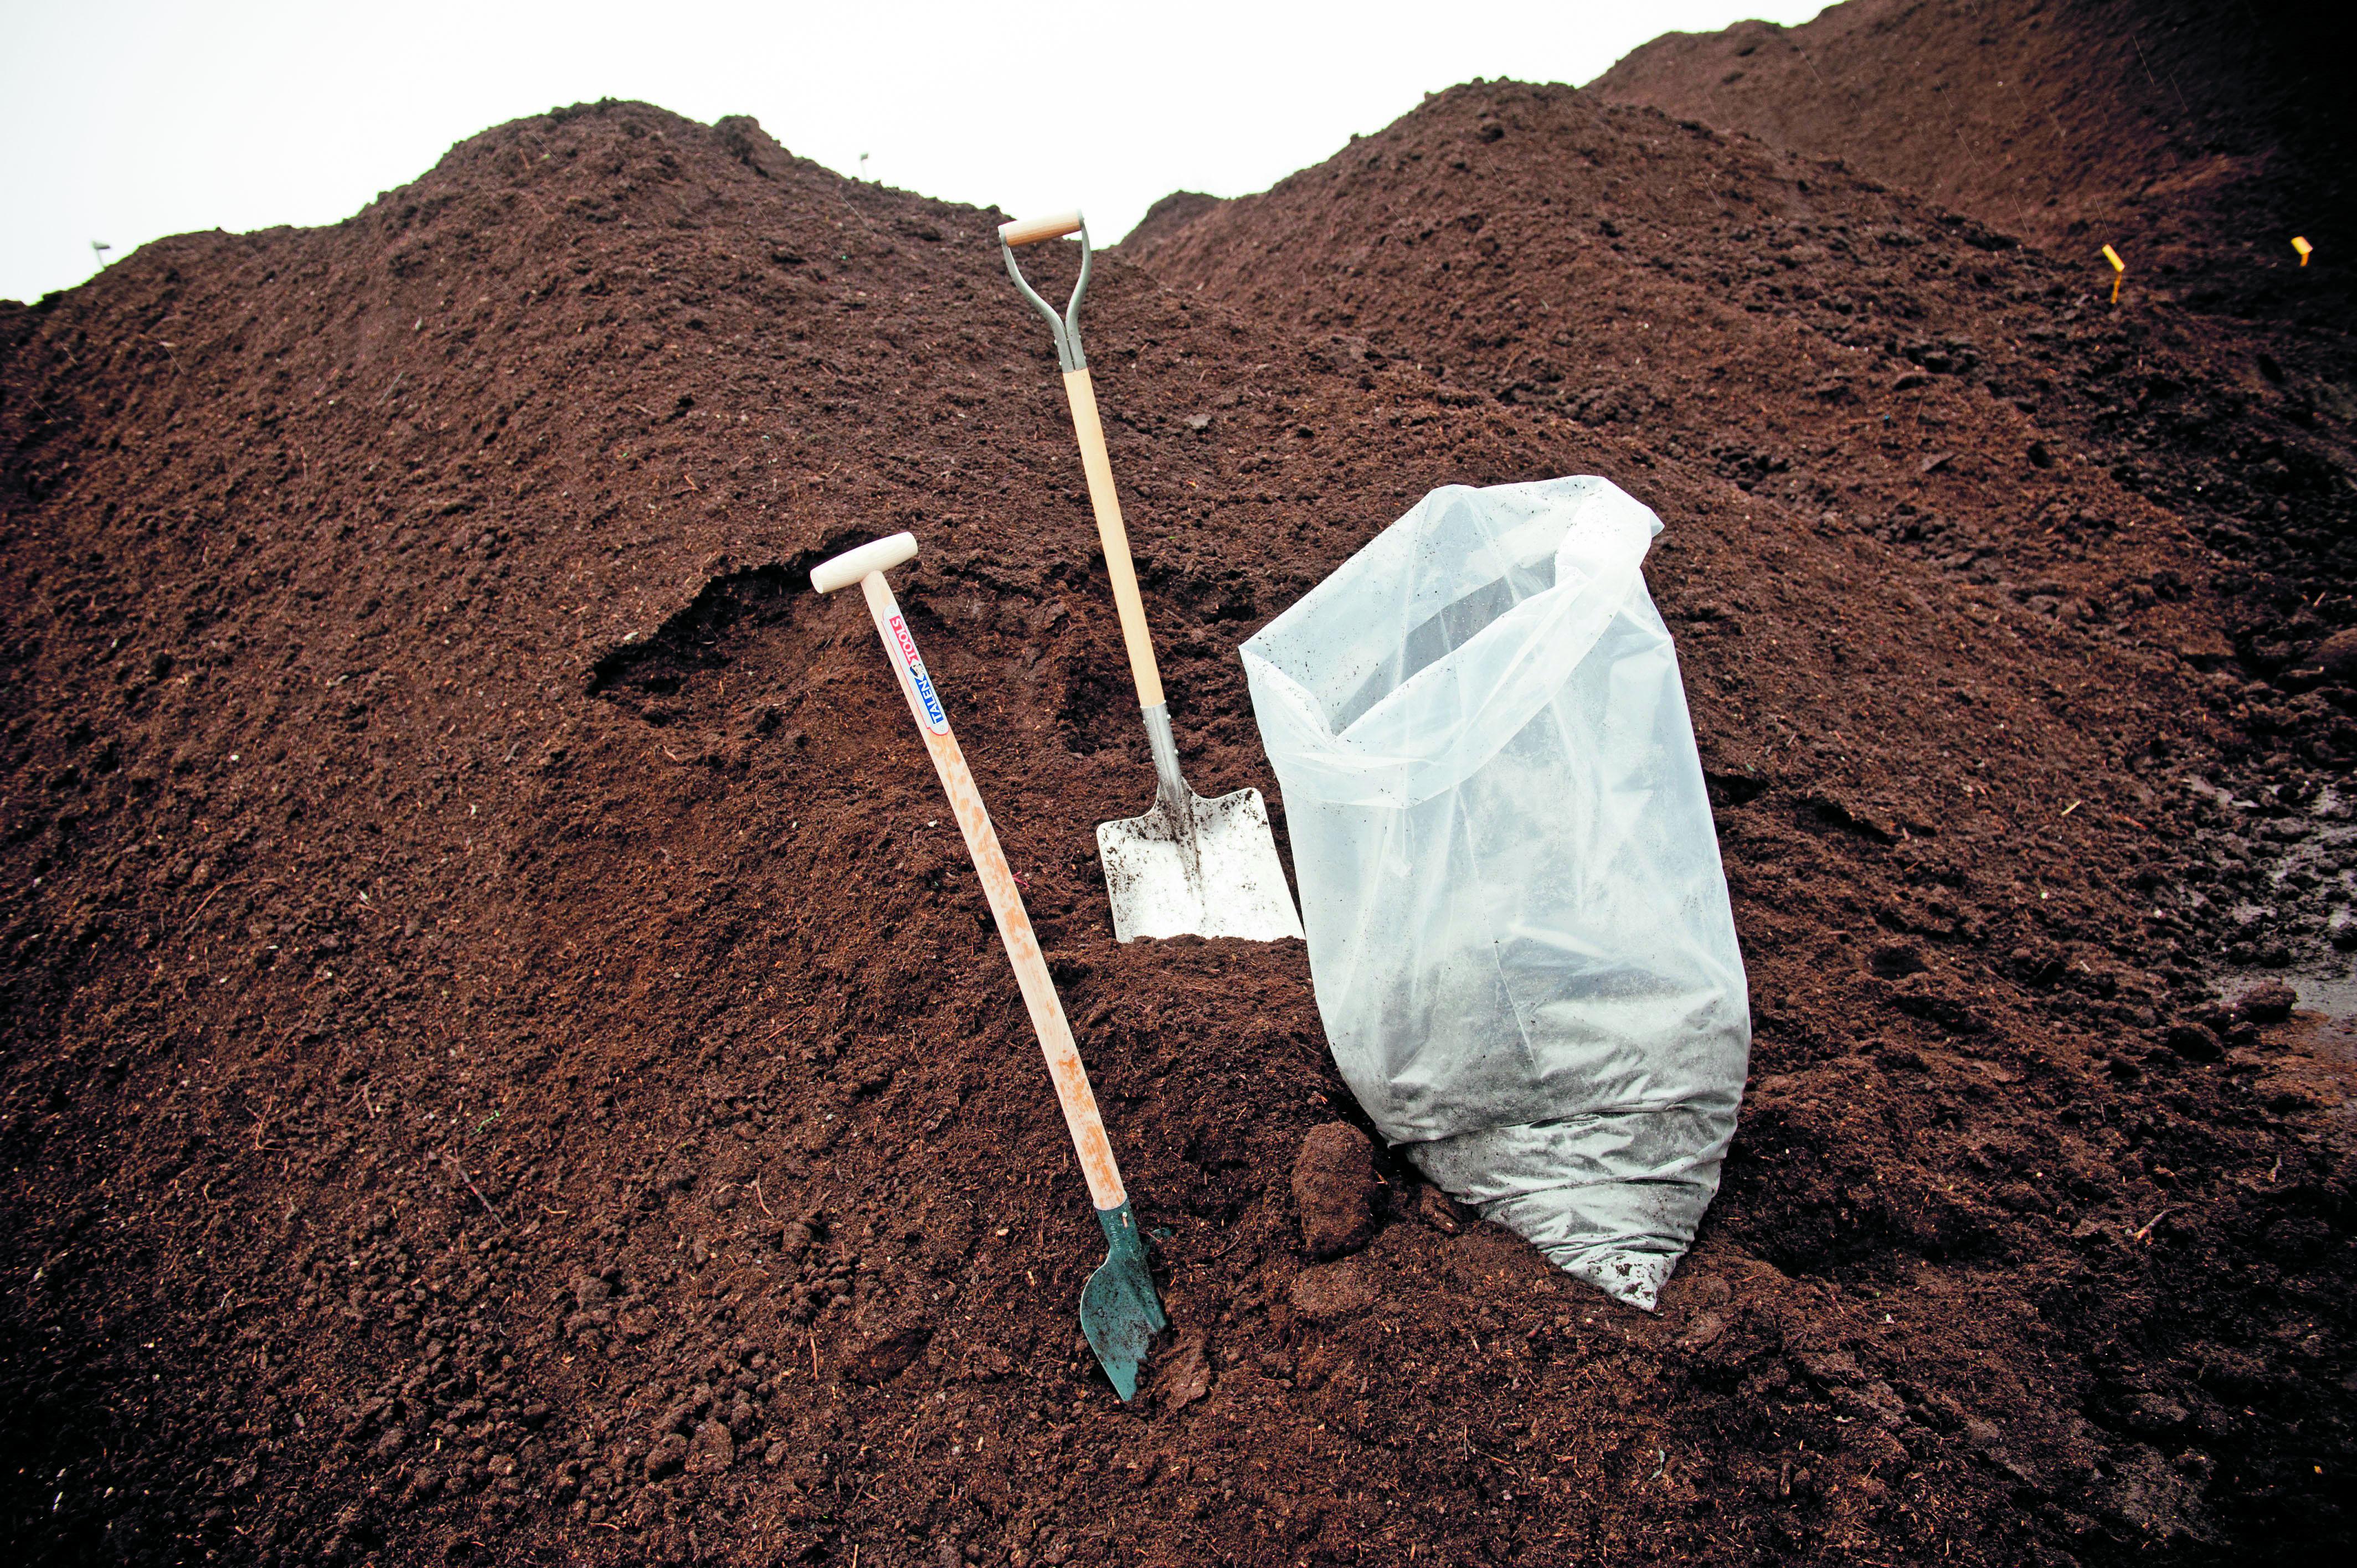 Compost nodig? Schep 17 maart gratis compost bij HVC in Middenmeer. (Foto: aangeleverd)